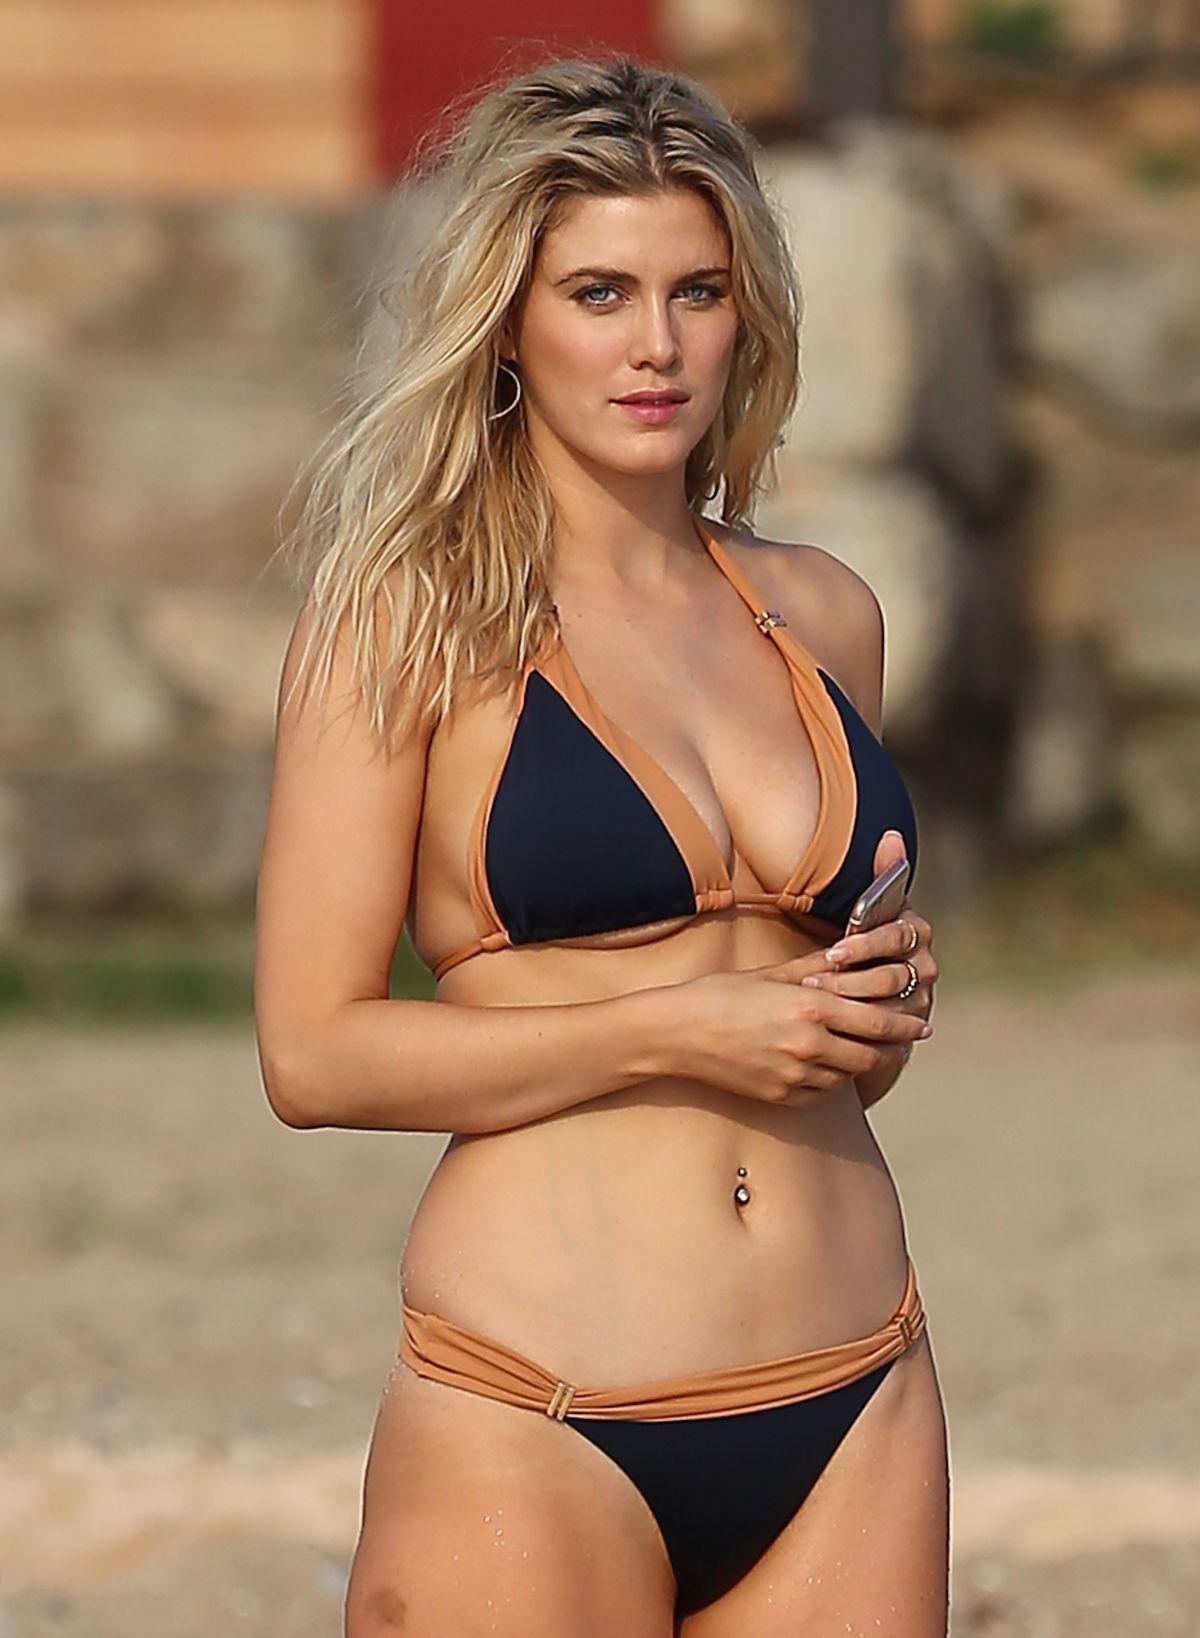 f40bf7ddc9 Pin by Enjooll on Bikini Actress | Bikinis, Celebrity bikini, Ibiza ...